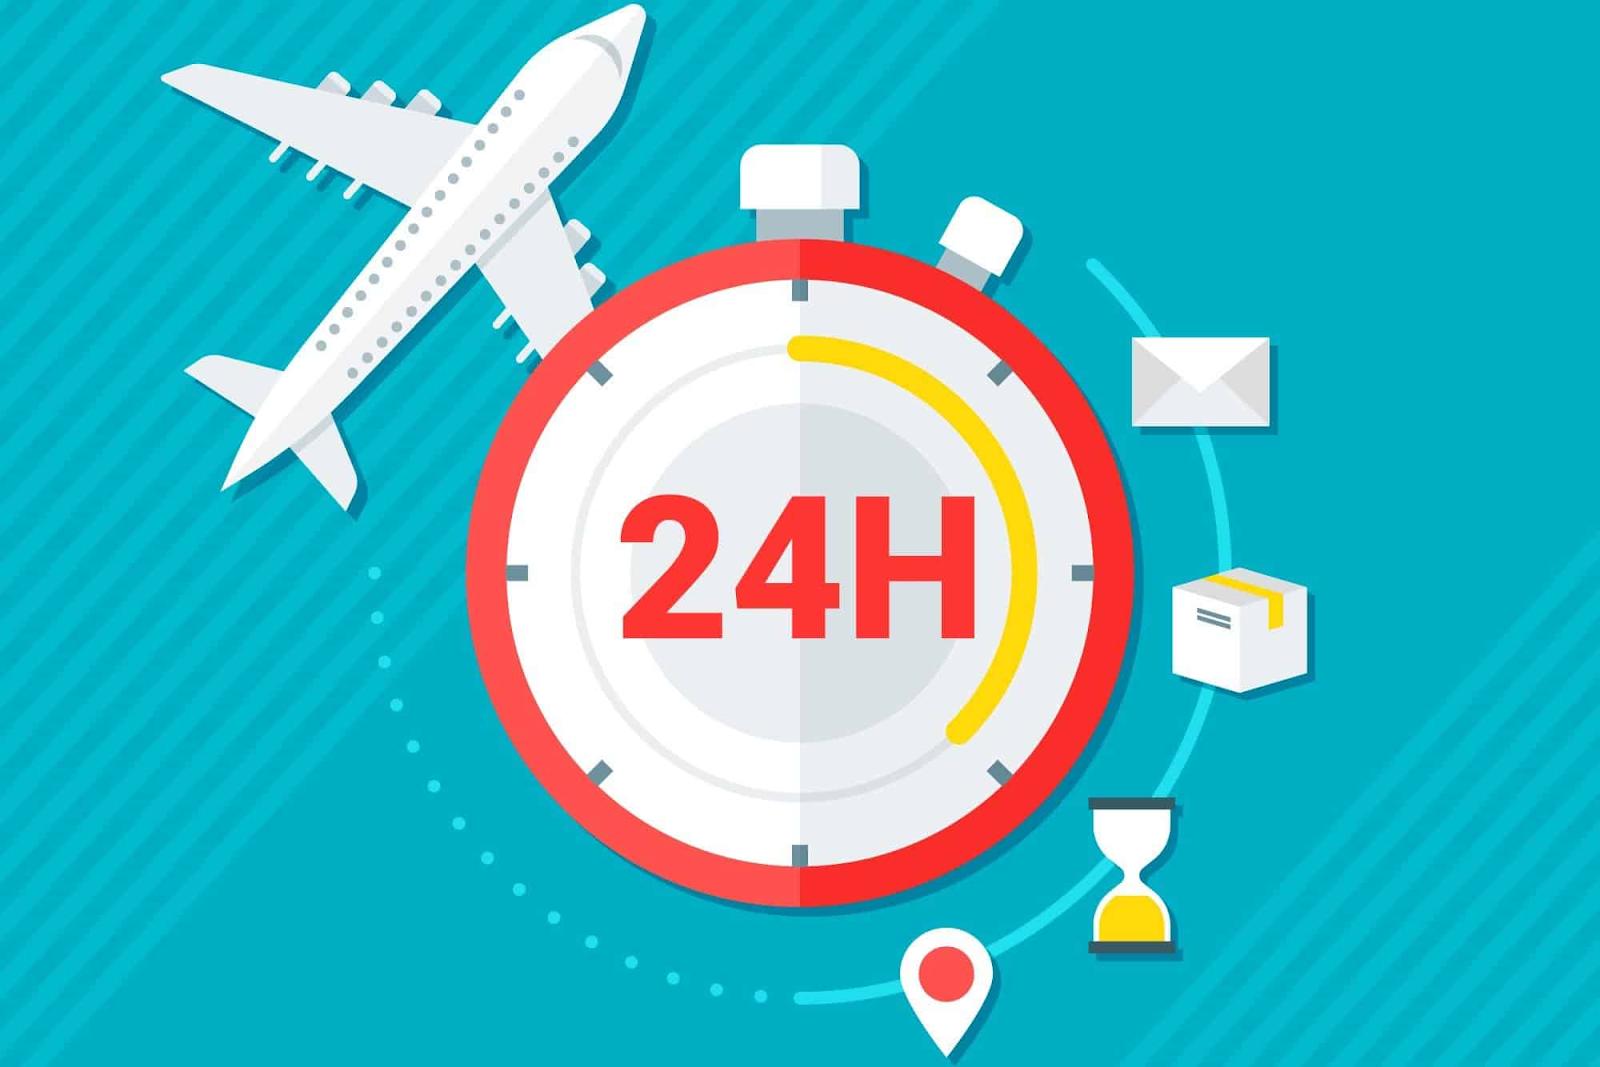 Thời gian gửi của dịch vụ chuyển phát nhanh trong ngàycần đi kèmđộ an toànhàng hóa